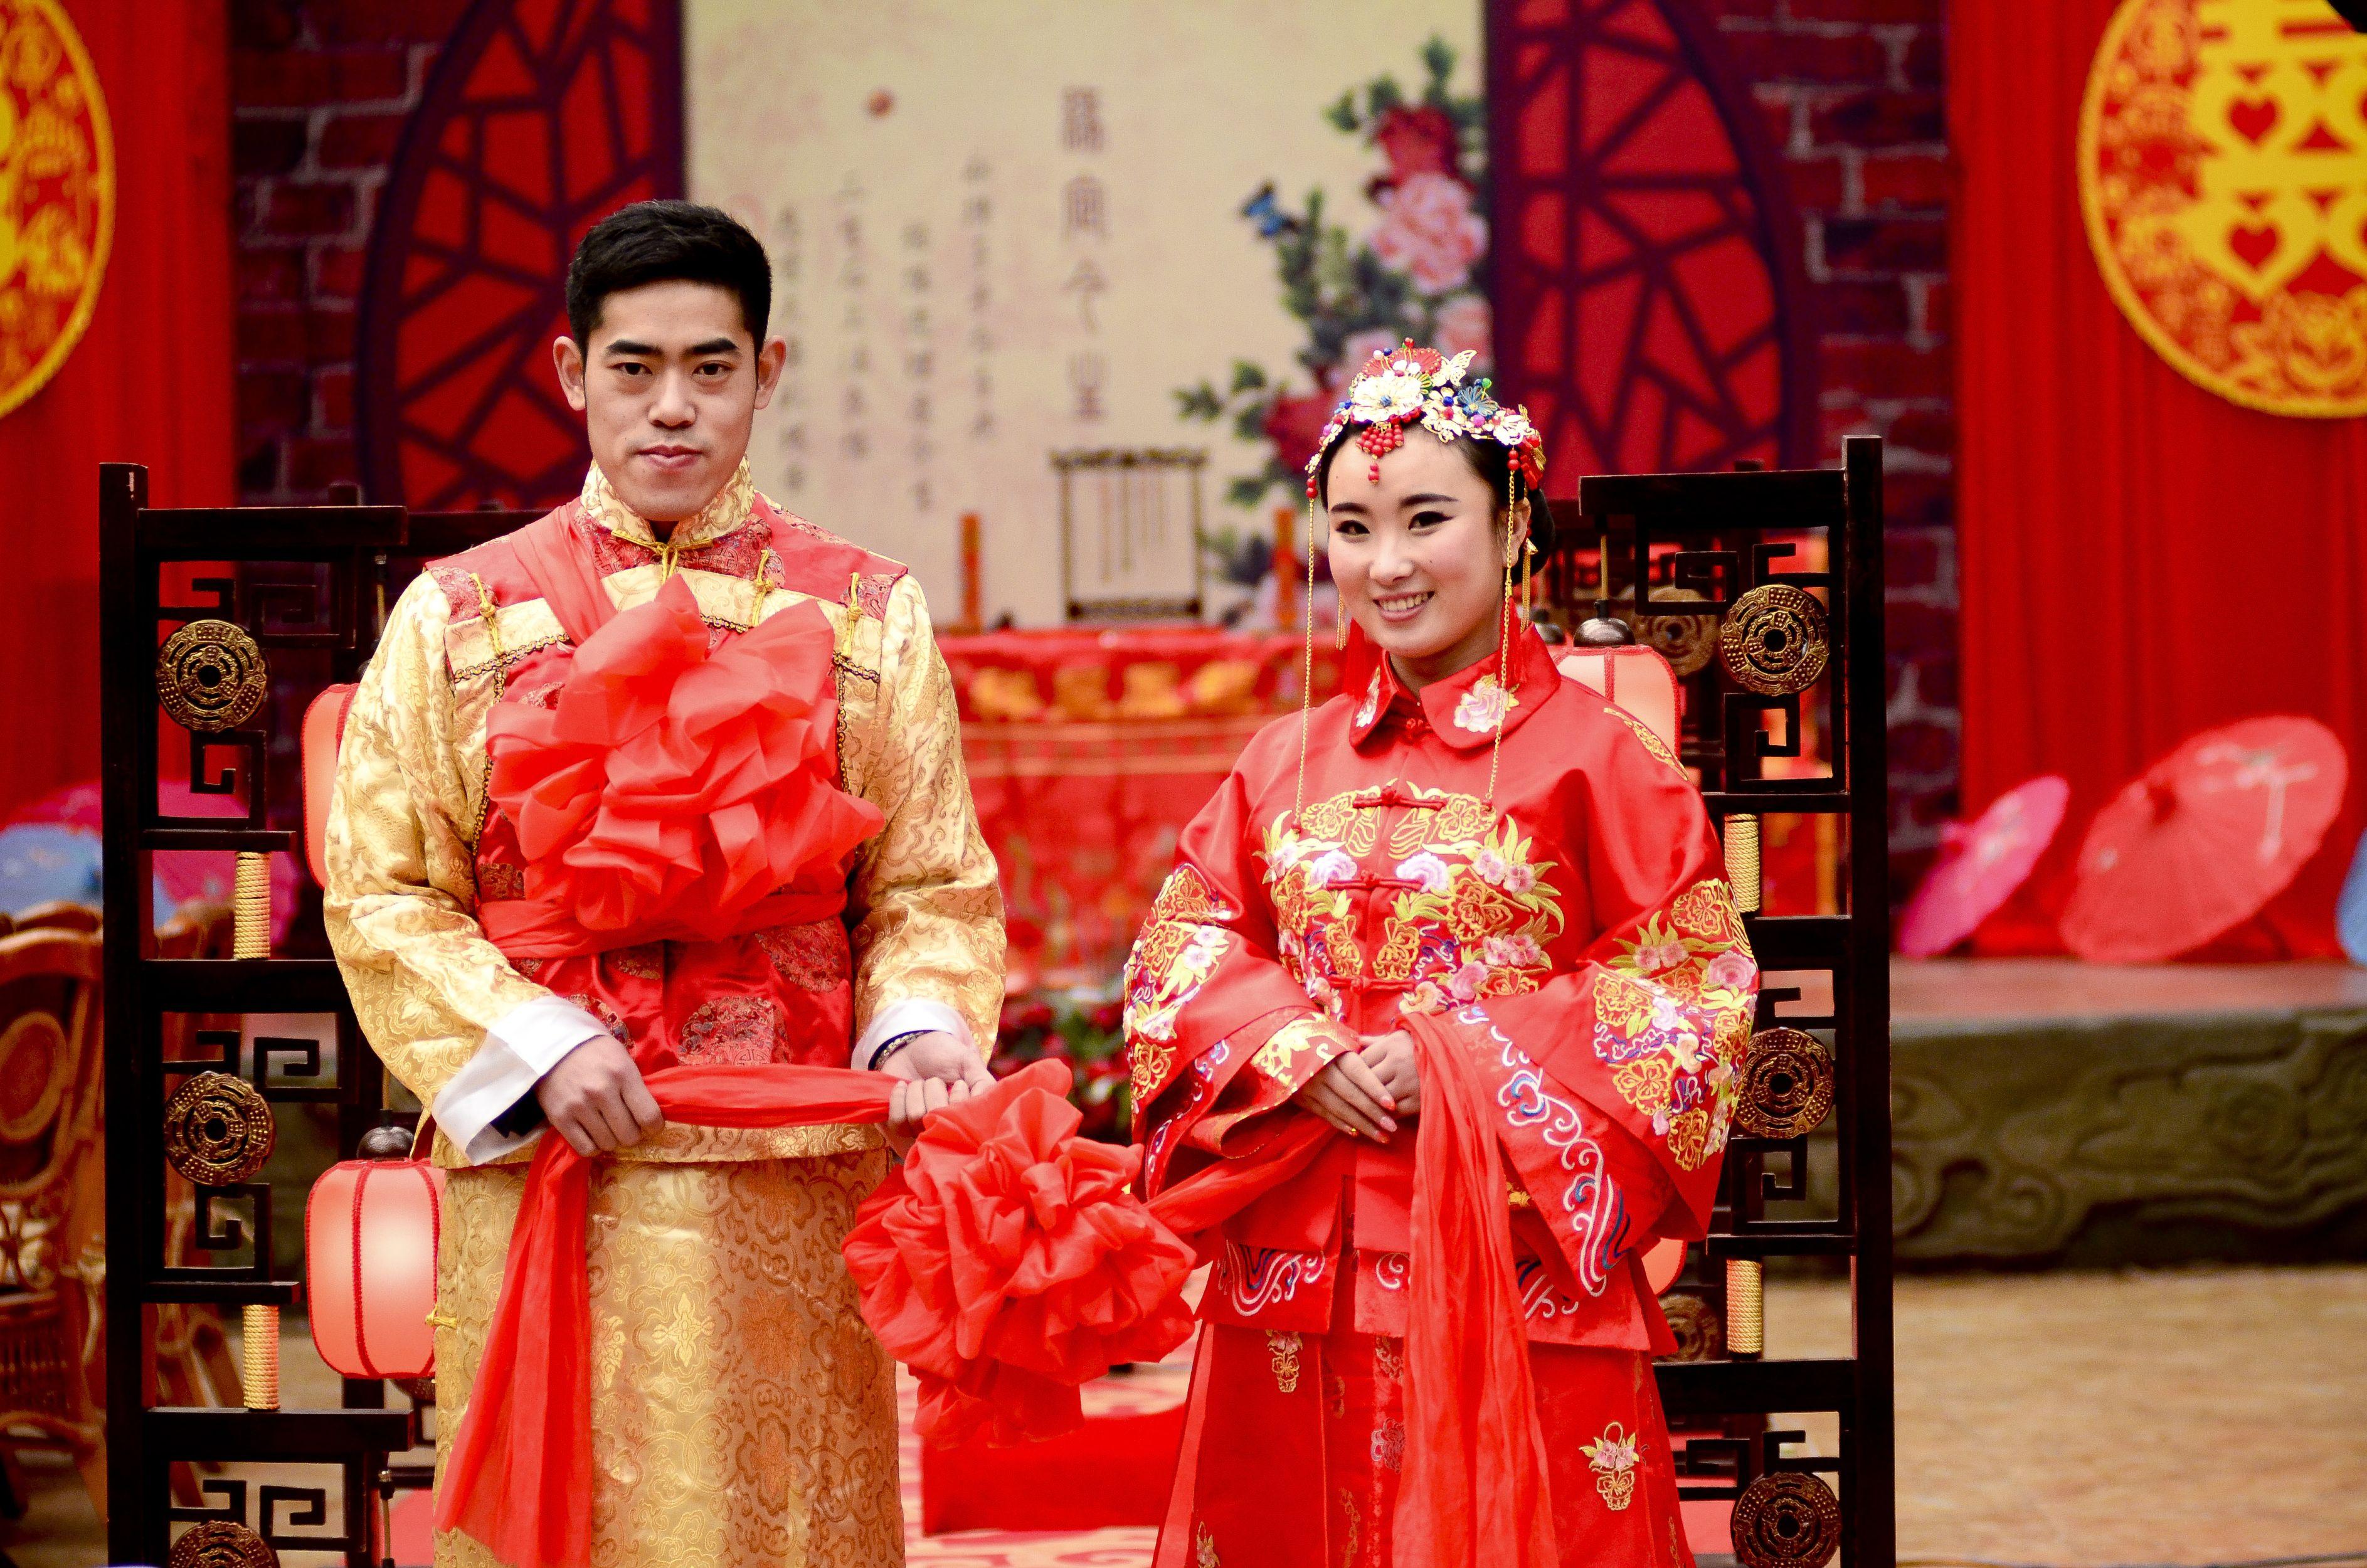 《中式婚礼》系列